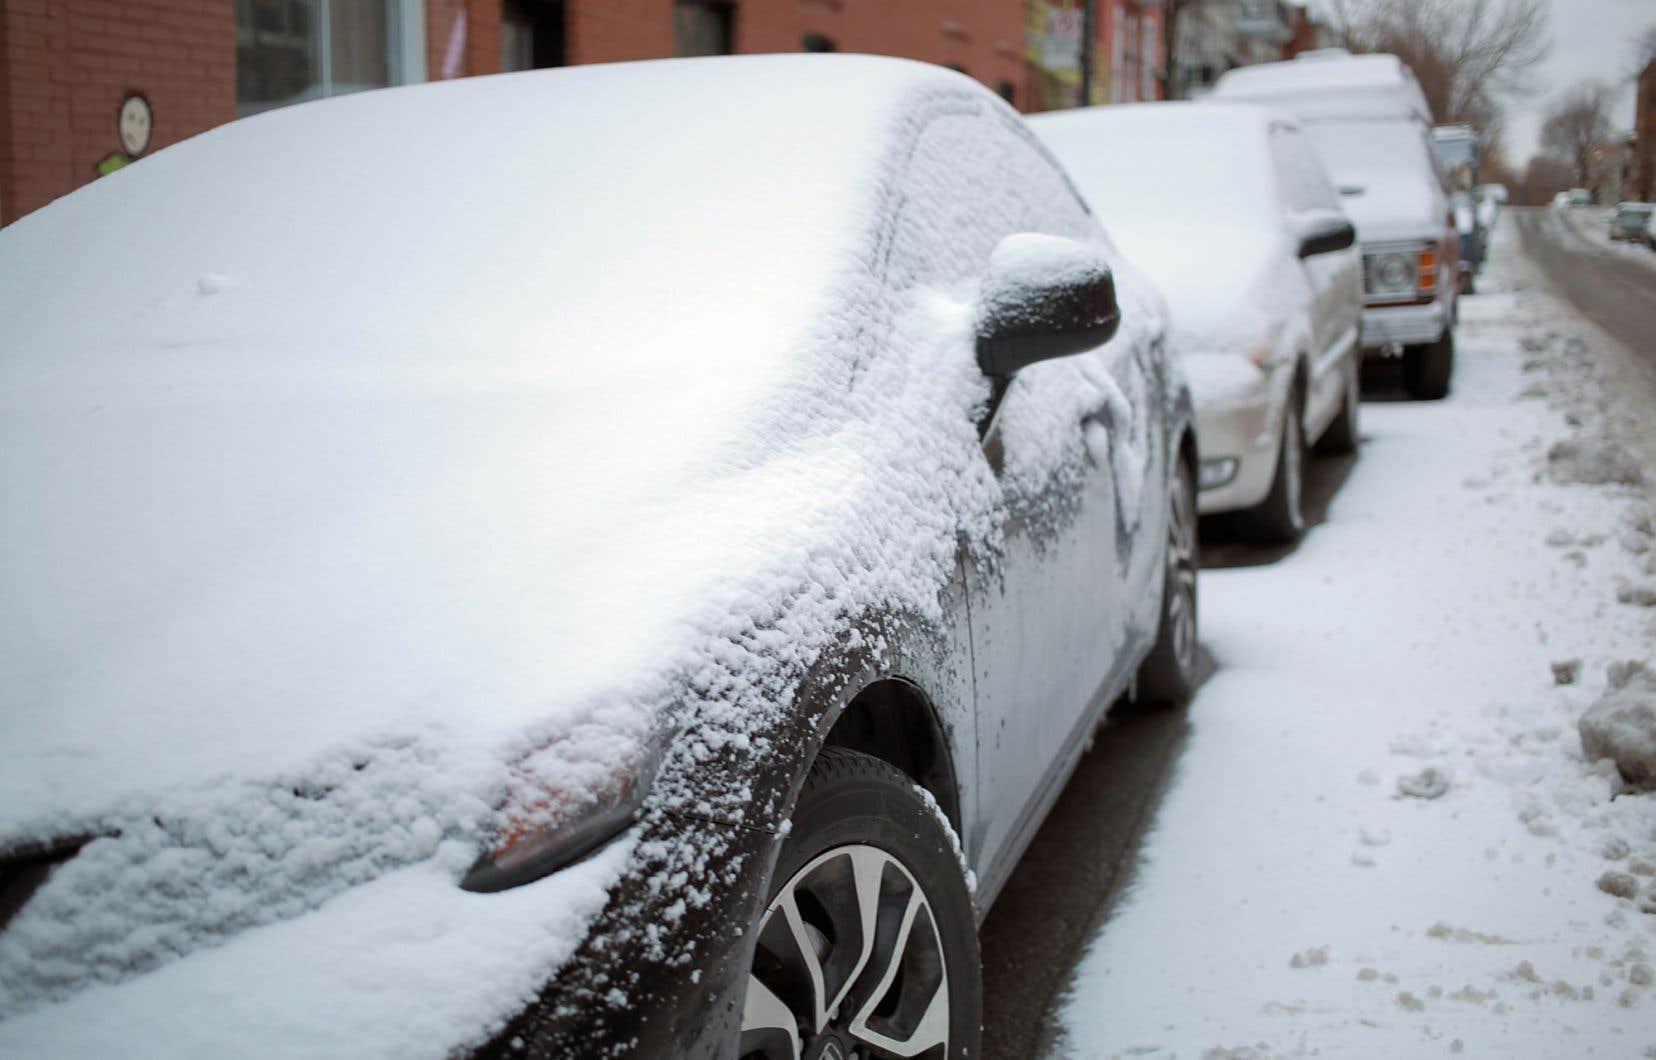 La neige a compliqué les déplacements à certains endroits.